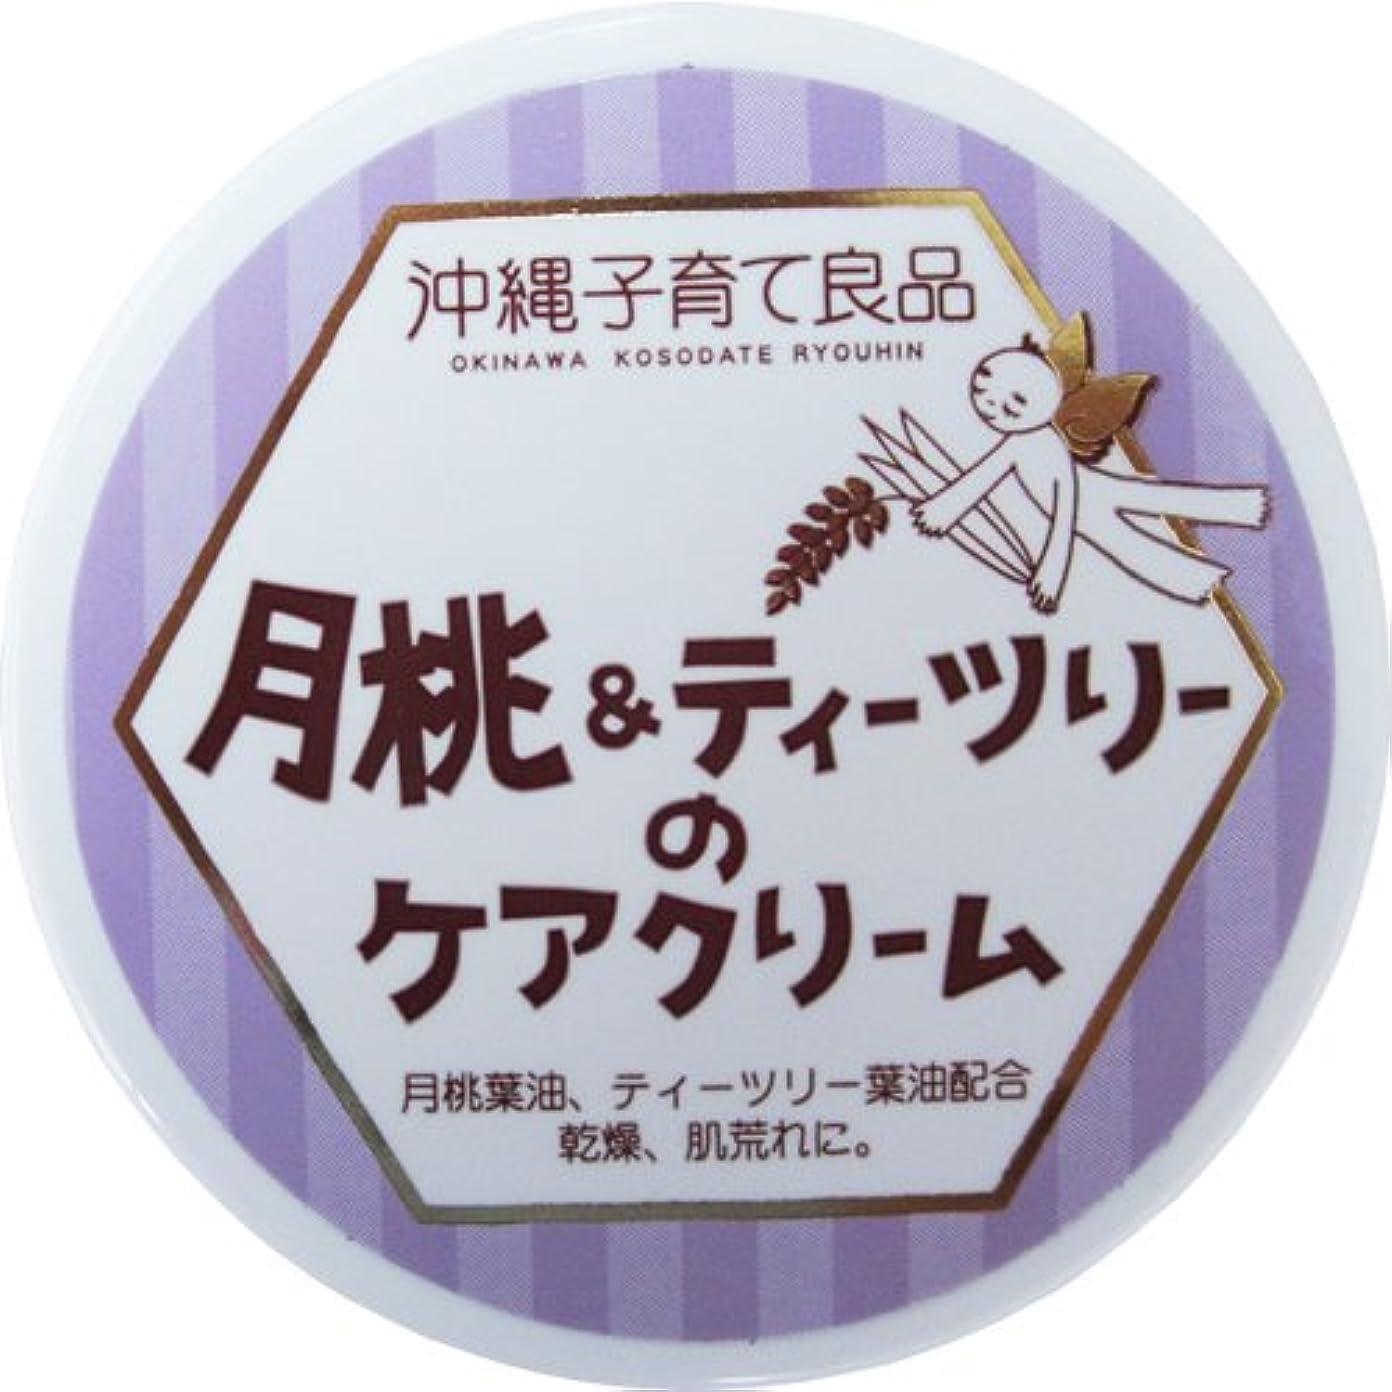 口径ボート可能性沖縄子育て良品 月桃&ティツリーのケアクリーム (25g)